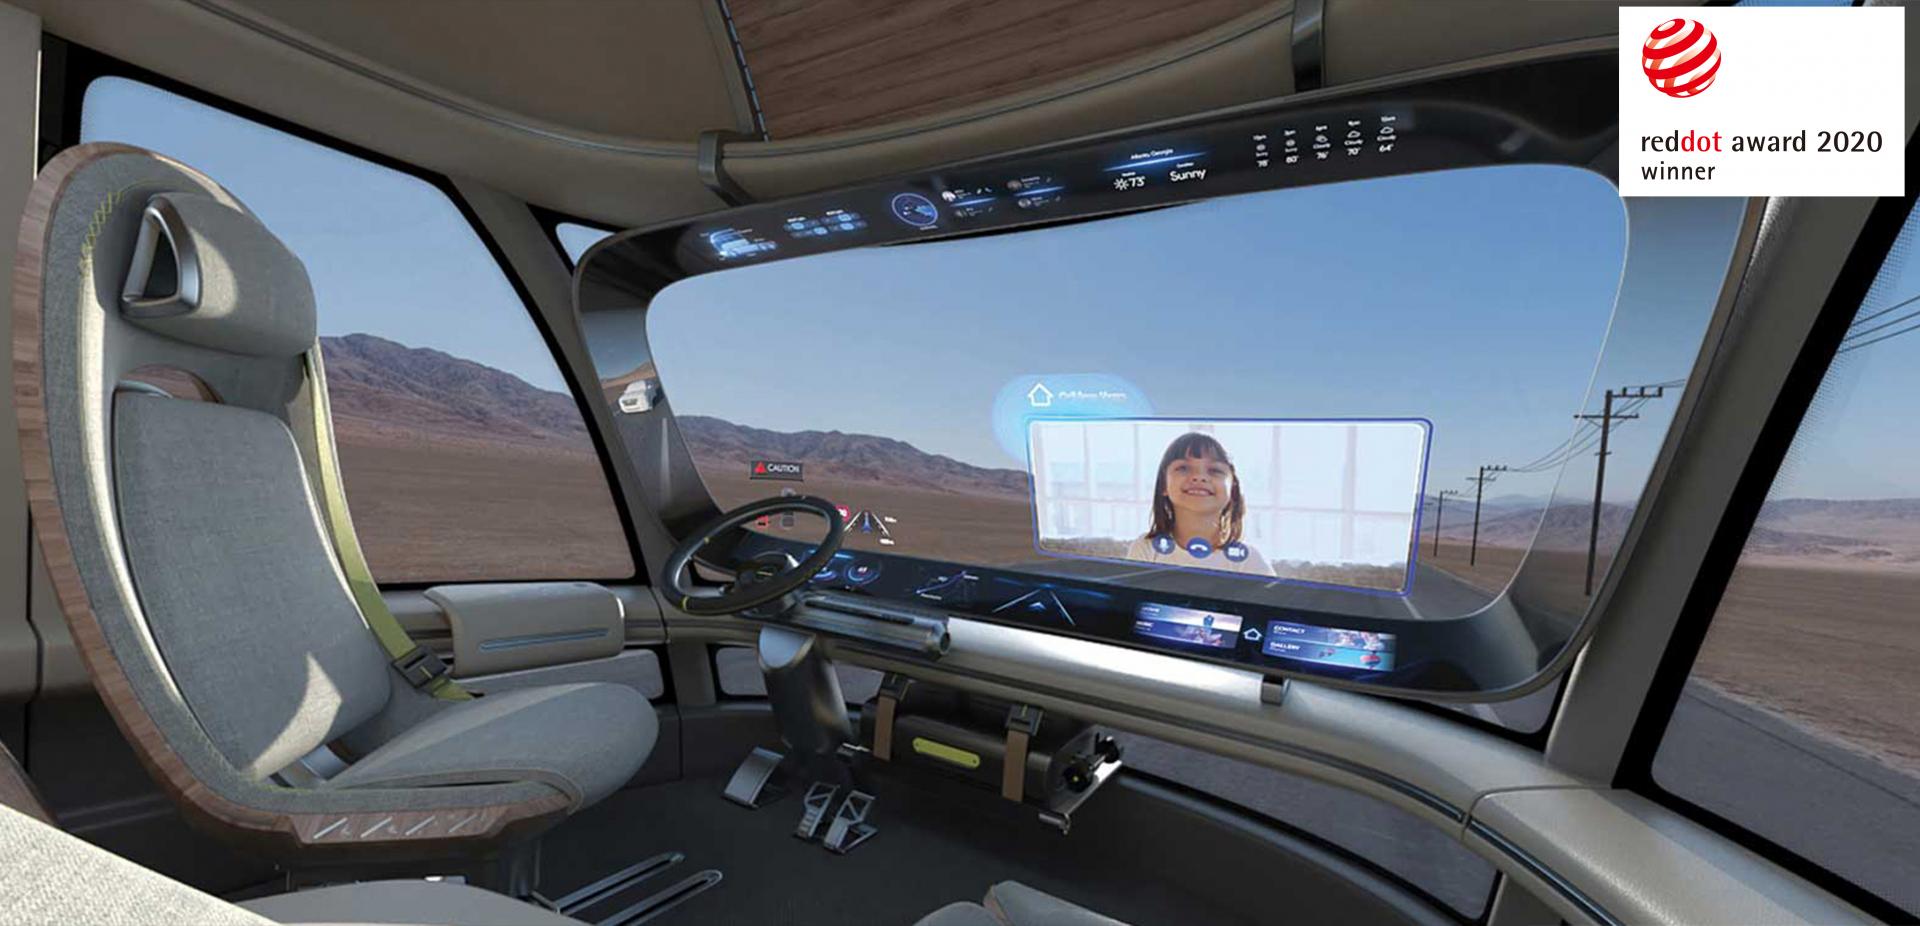 Компанія Hyundai Motor отримала три нагороди Red Dot Award 2020 за концептуальний дизайн | Автопланета - фото 12